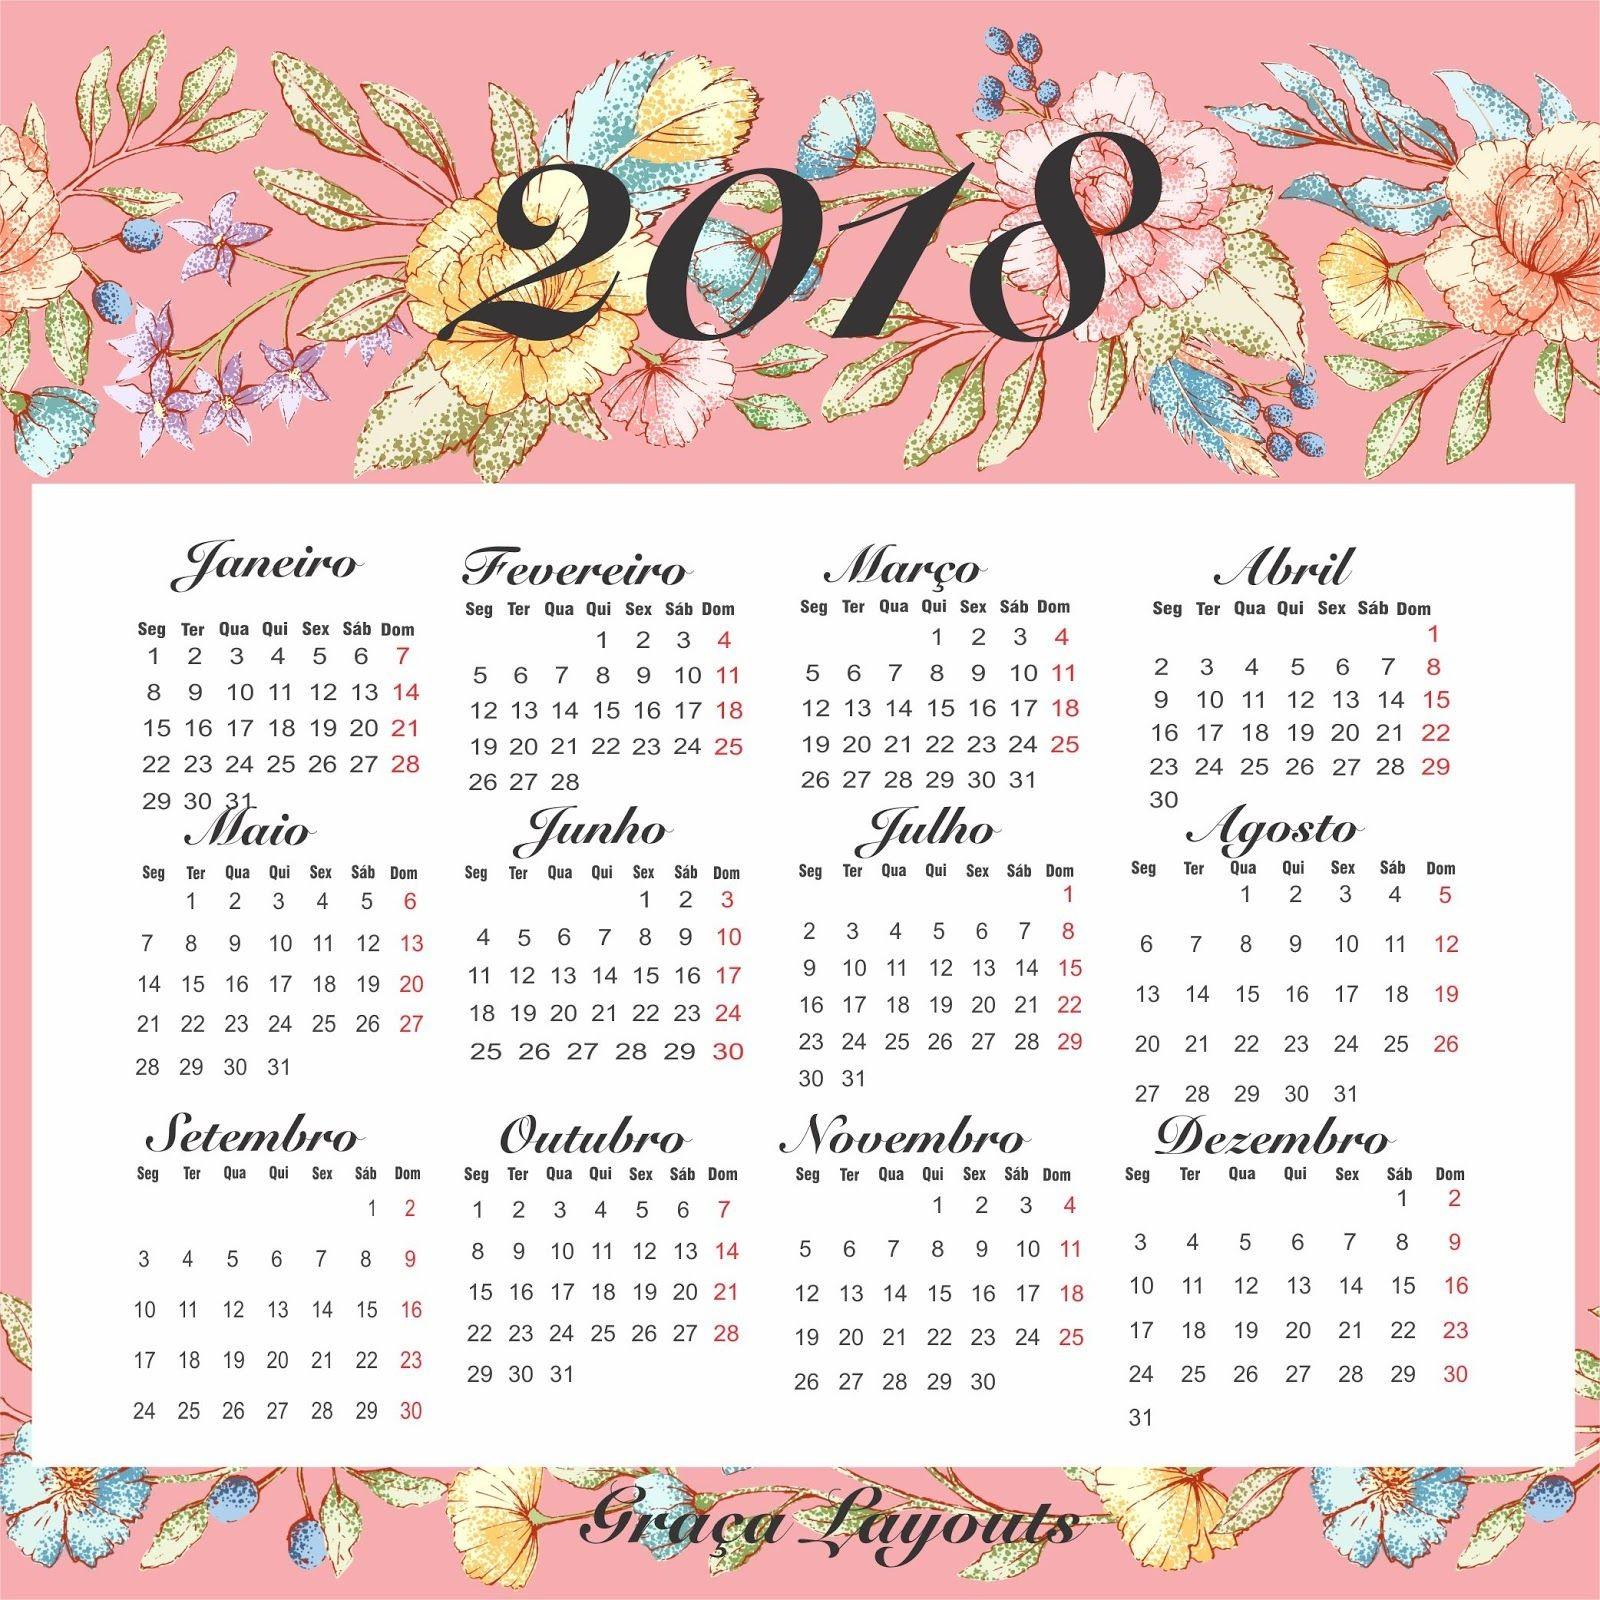 Calendario 2017 Vintage Para Imprimir Actual Calendários 2018 Para Baixar E Imprimir Invitaciones Of Calendario 2017 Vintage Para Imprimir Actual Noviembre 24 Calendario Para Imprimir – Calendarios Para Imprimir